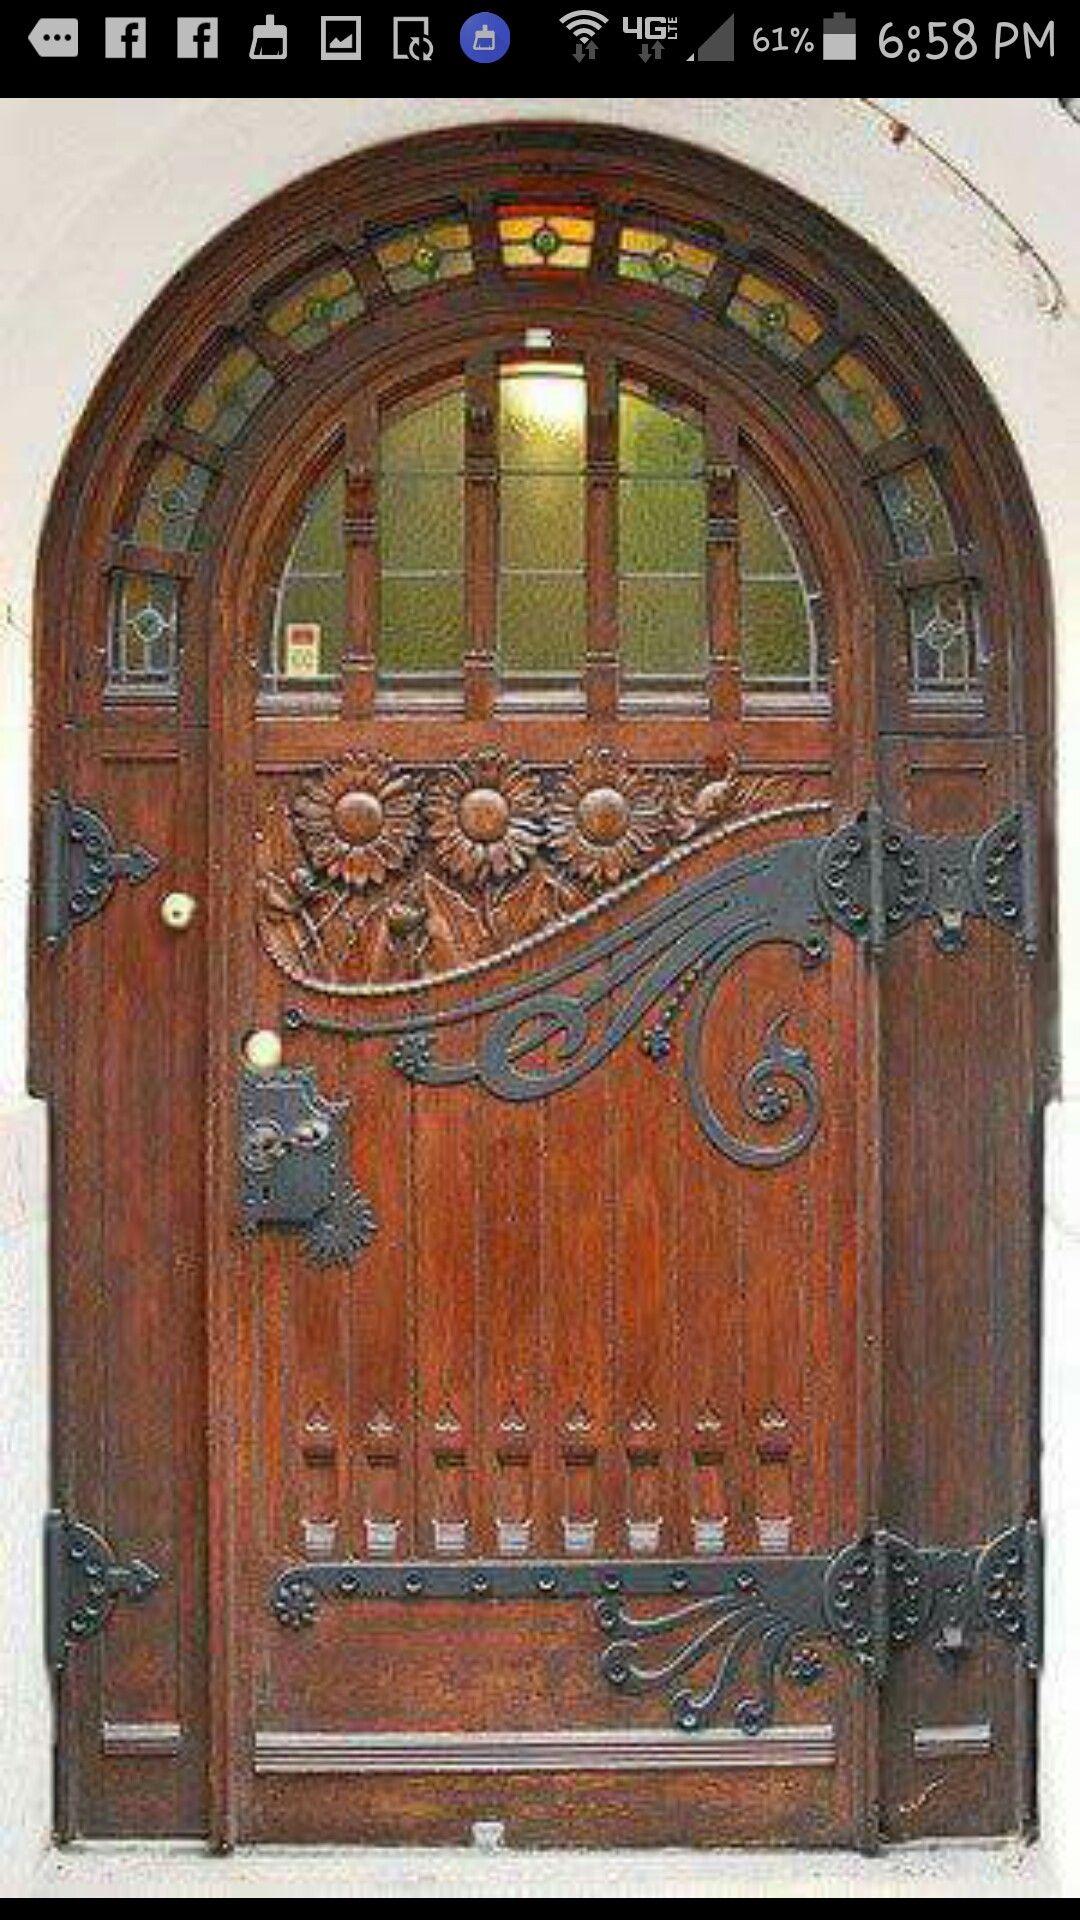 Pin By Herine On Decor Cool Doors Unique Doors Old Doors